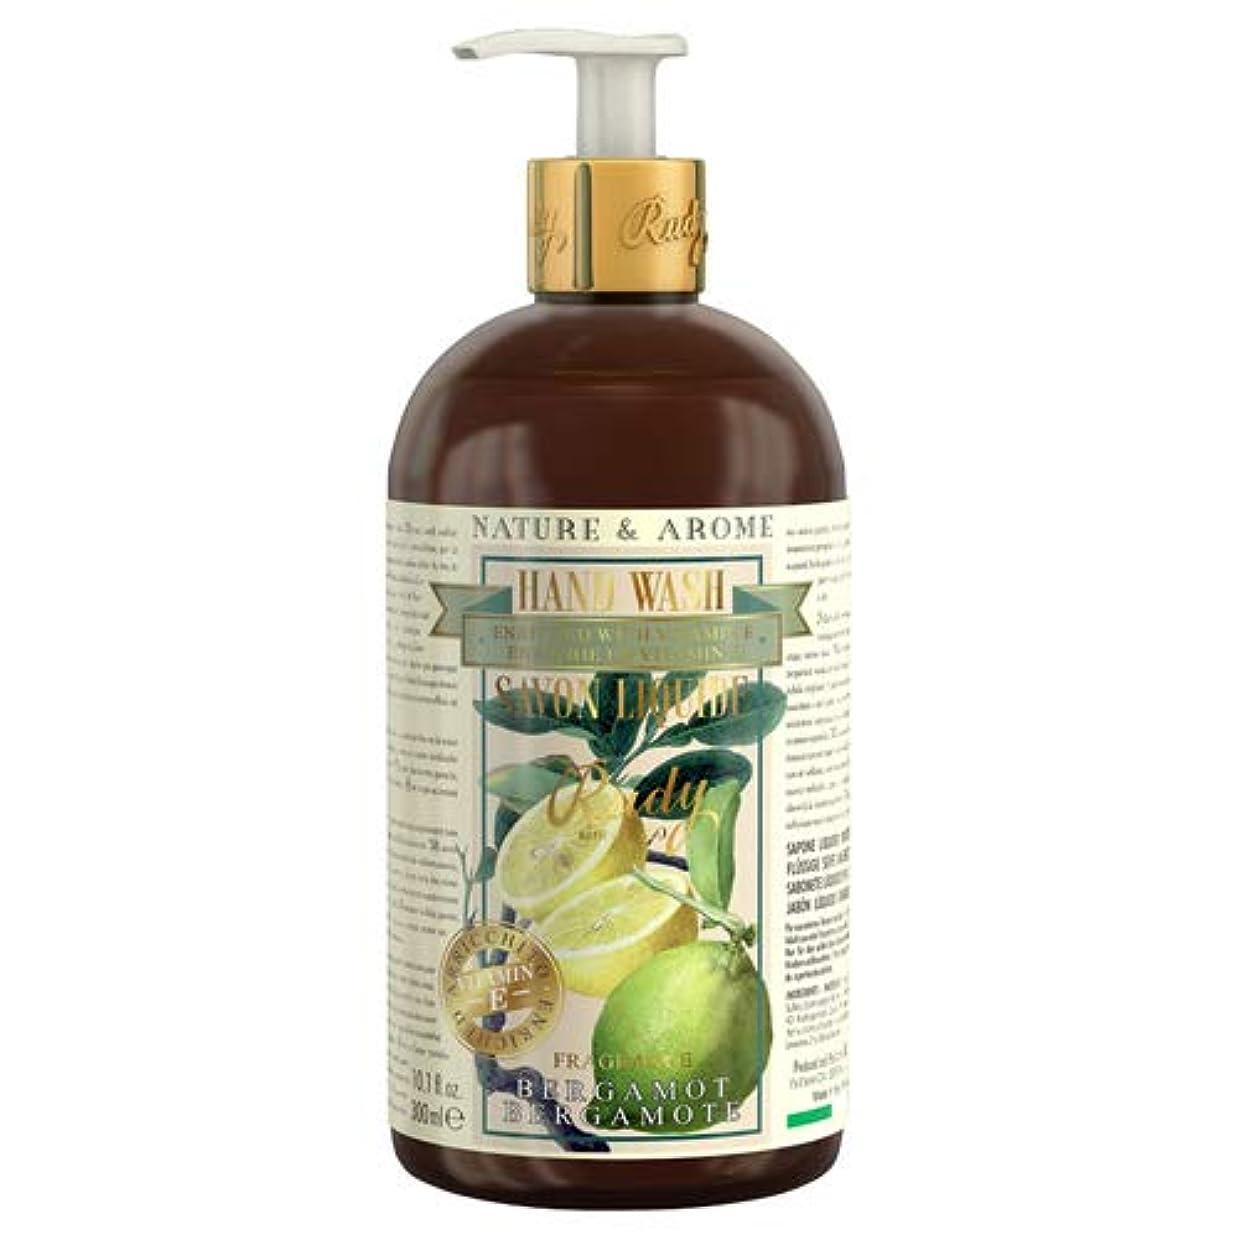 好きである例胚芽RUDY Nature&Arome Apothecary ネイチャーアロマ アポセカリー Hand Wash ハンドウォッシュ(ボディソープ) Bergamot ベルガモット